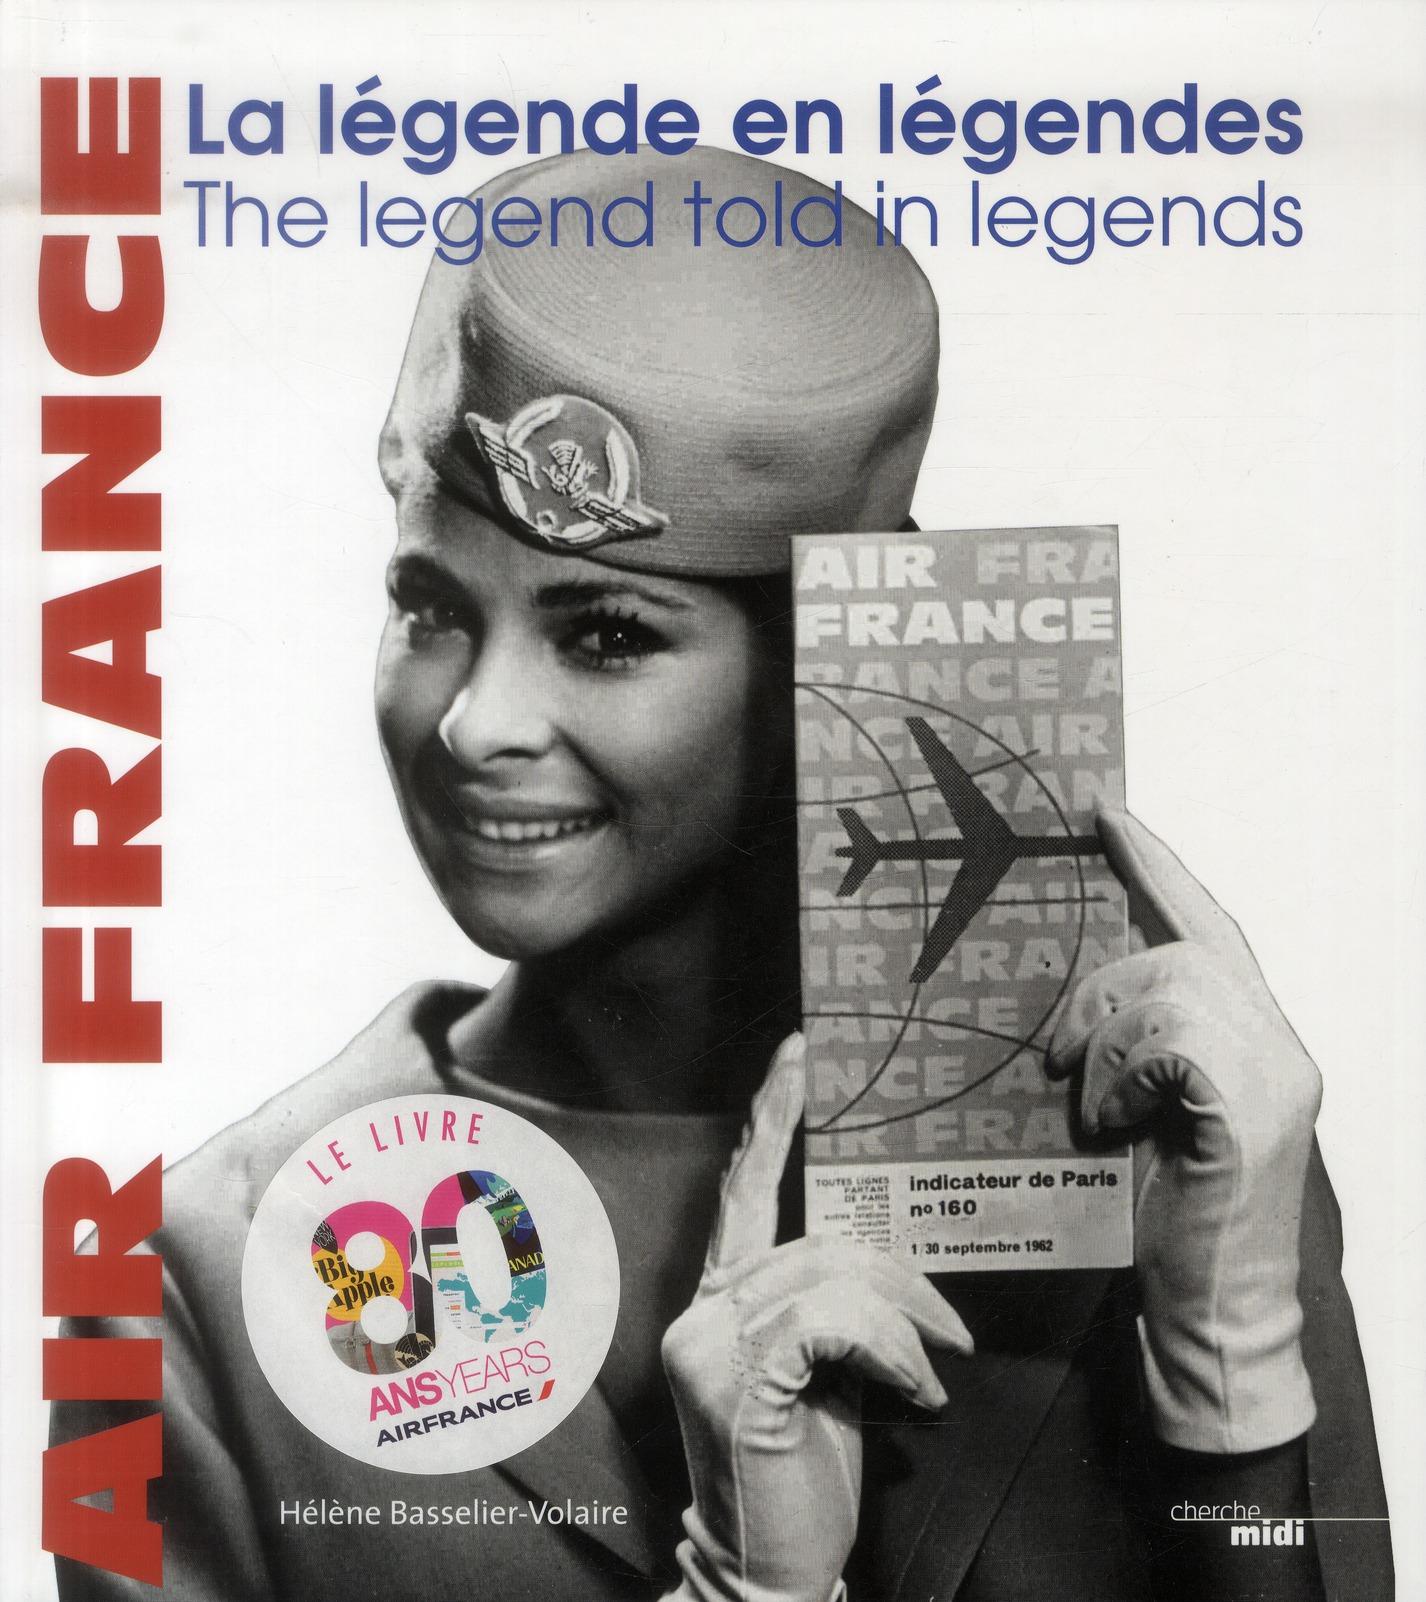 AIR FRANCE  -  LA LEGENDE EN LEGENDES BASSELIER-VOLAIRE H. le Cherche Midi